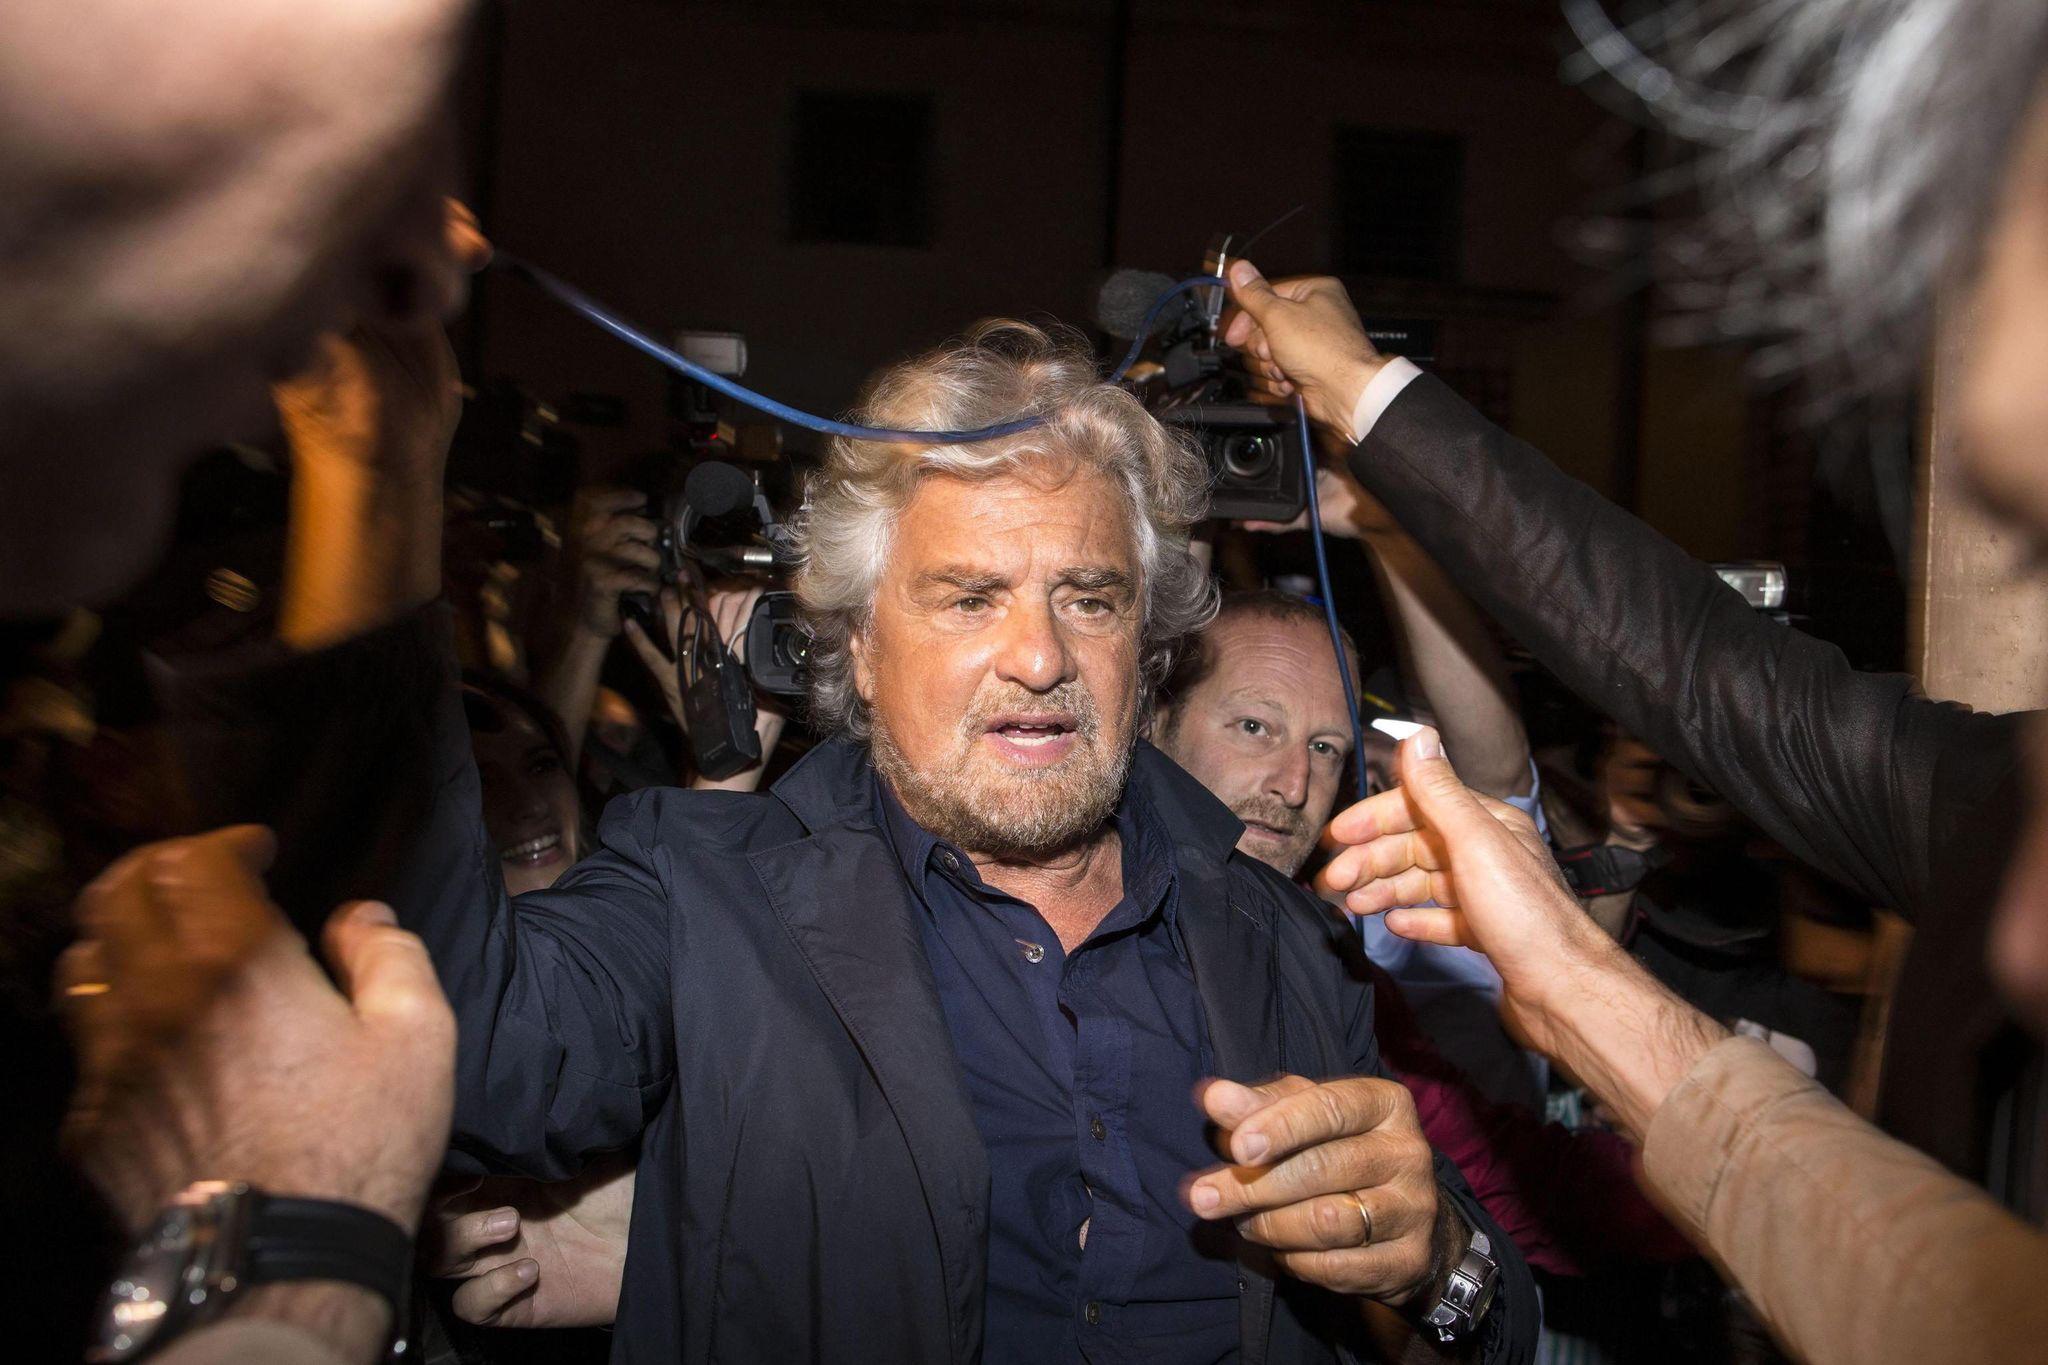 Vergewaltigungs-Vorwurf: Anklage gegen Grillo-Sohn